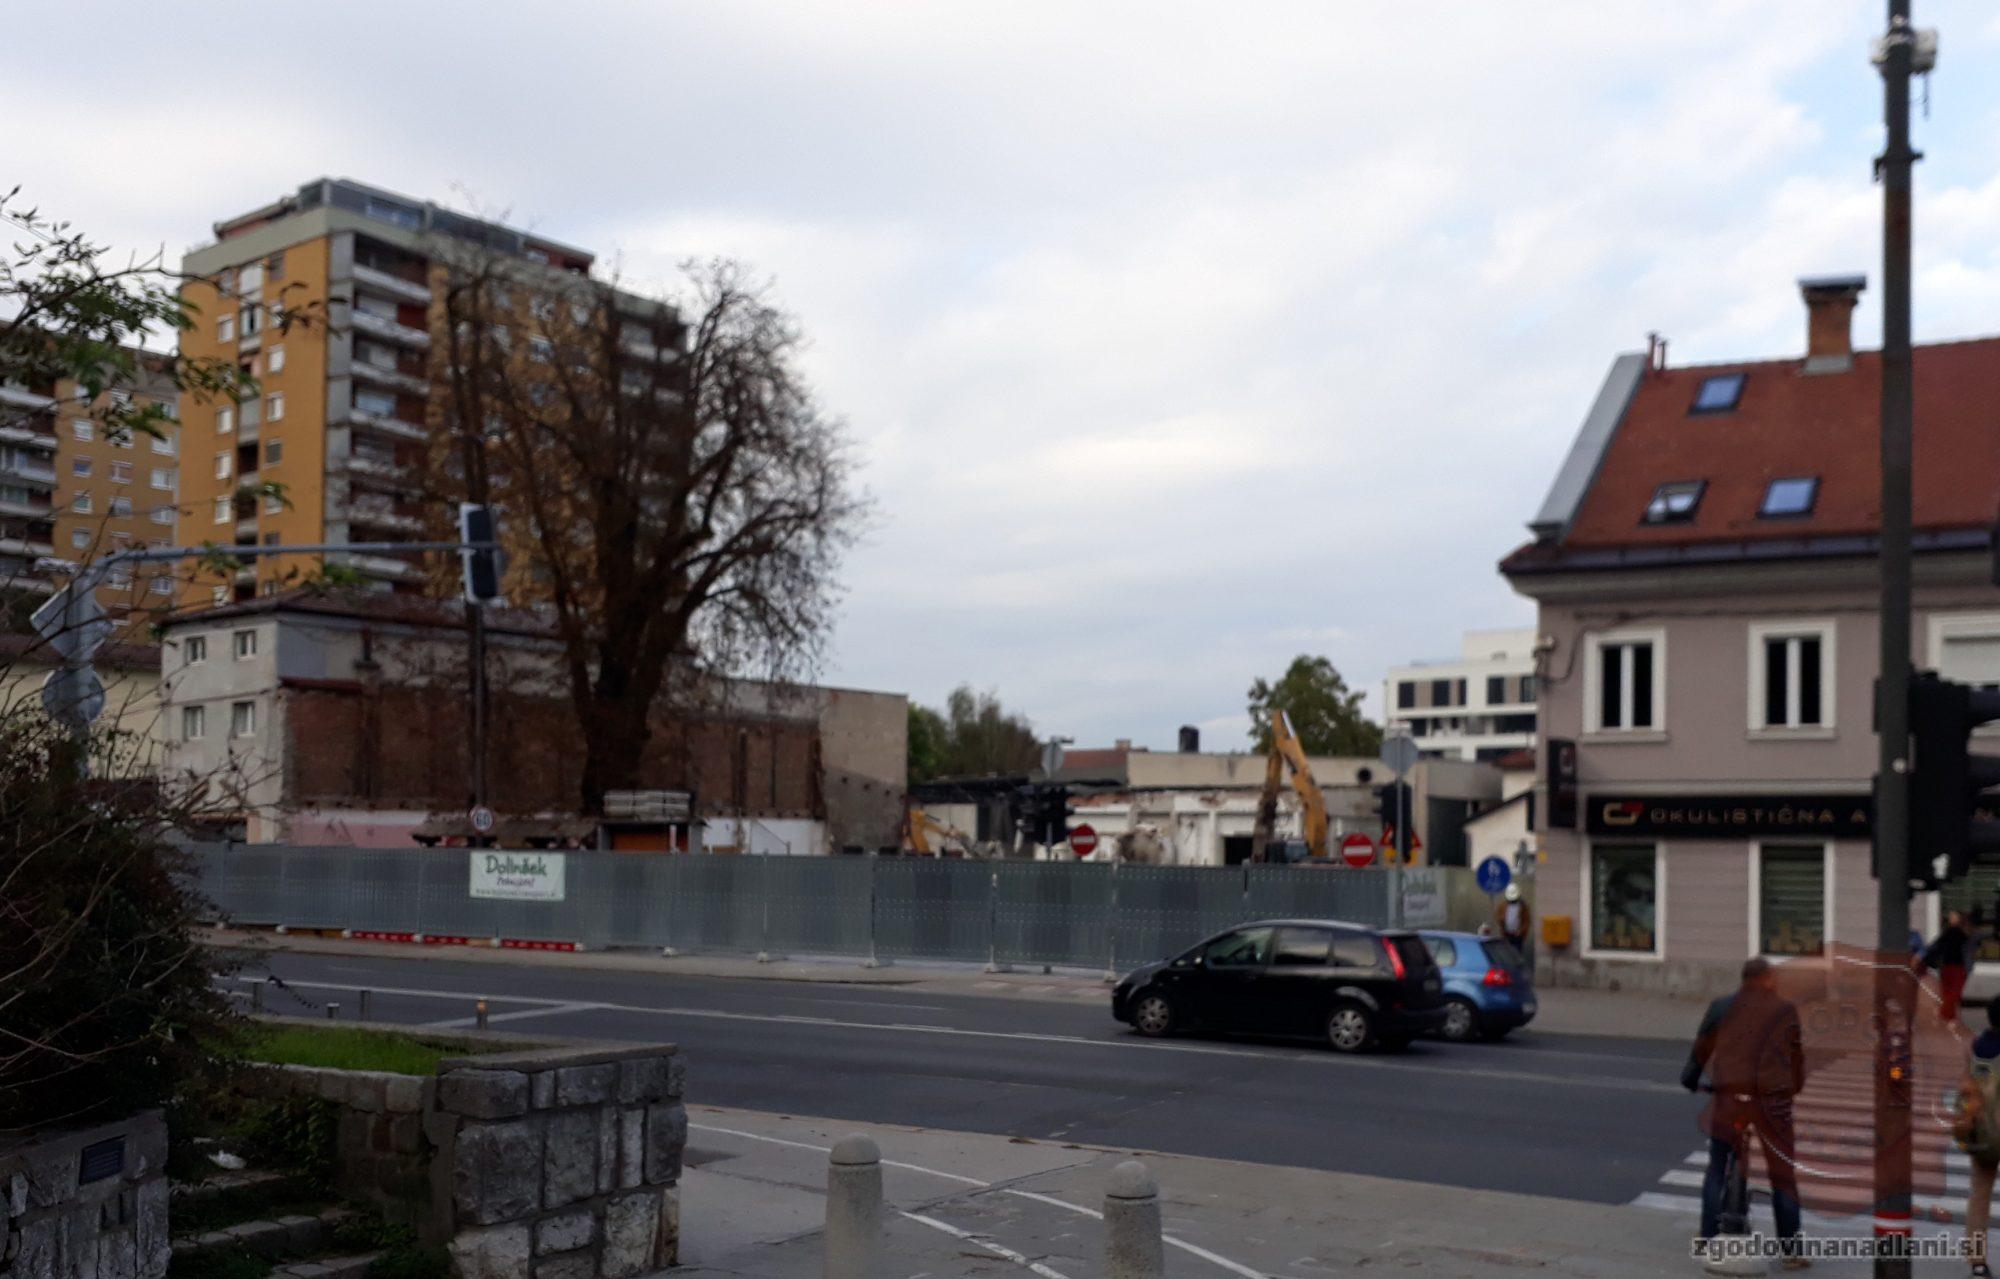 Rušenje gostilne Keršič, 7.10.2019. Foto: Aleš Šafarič.